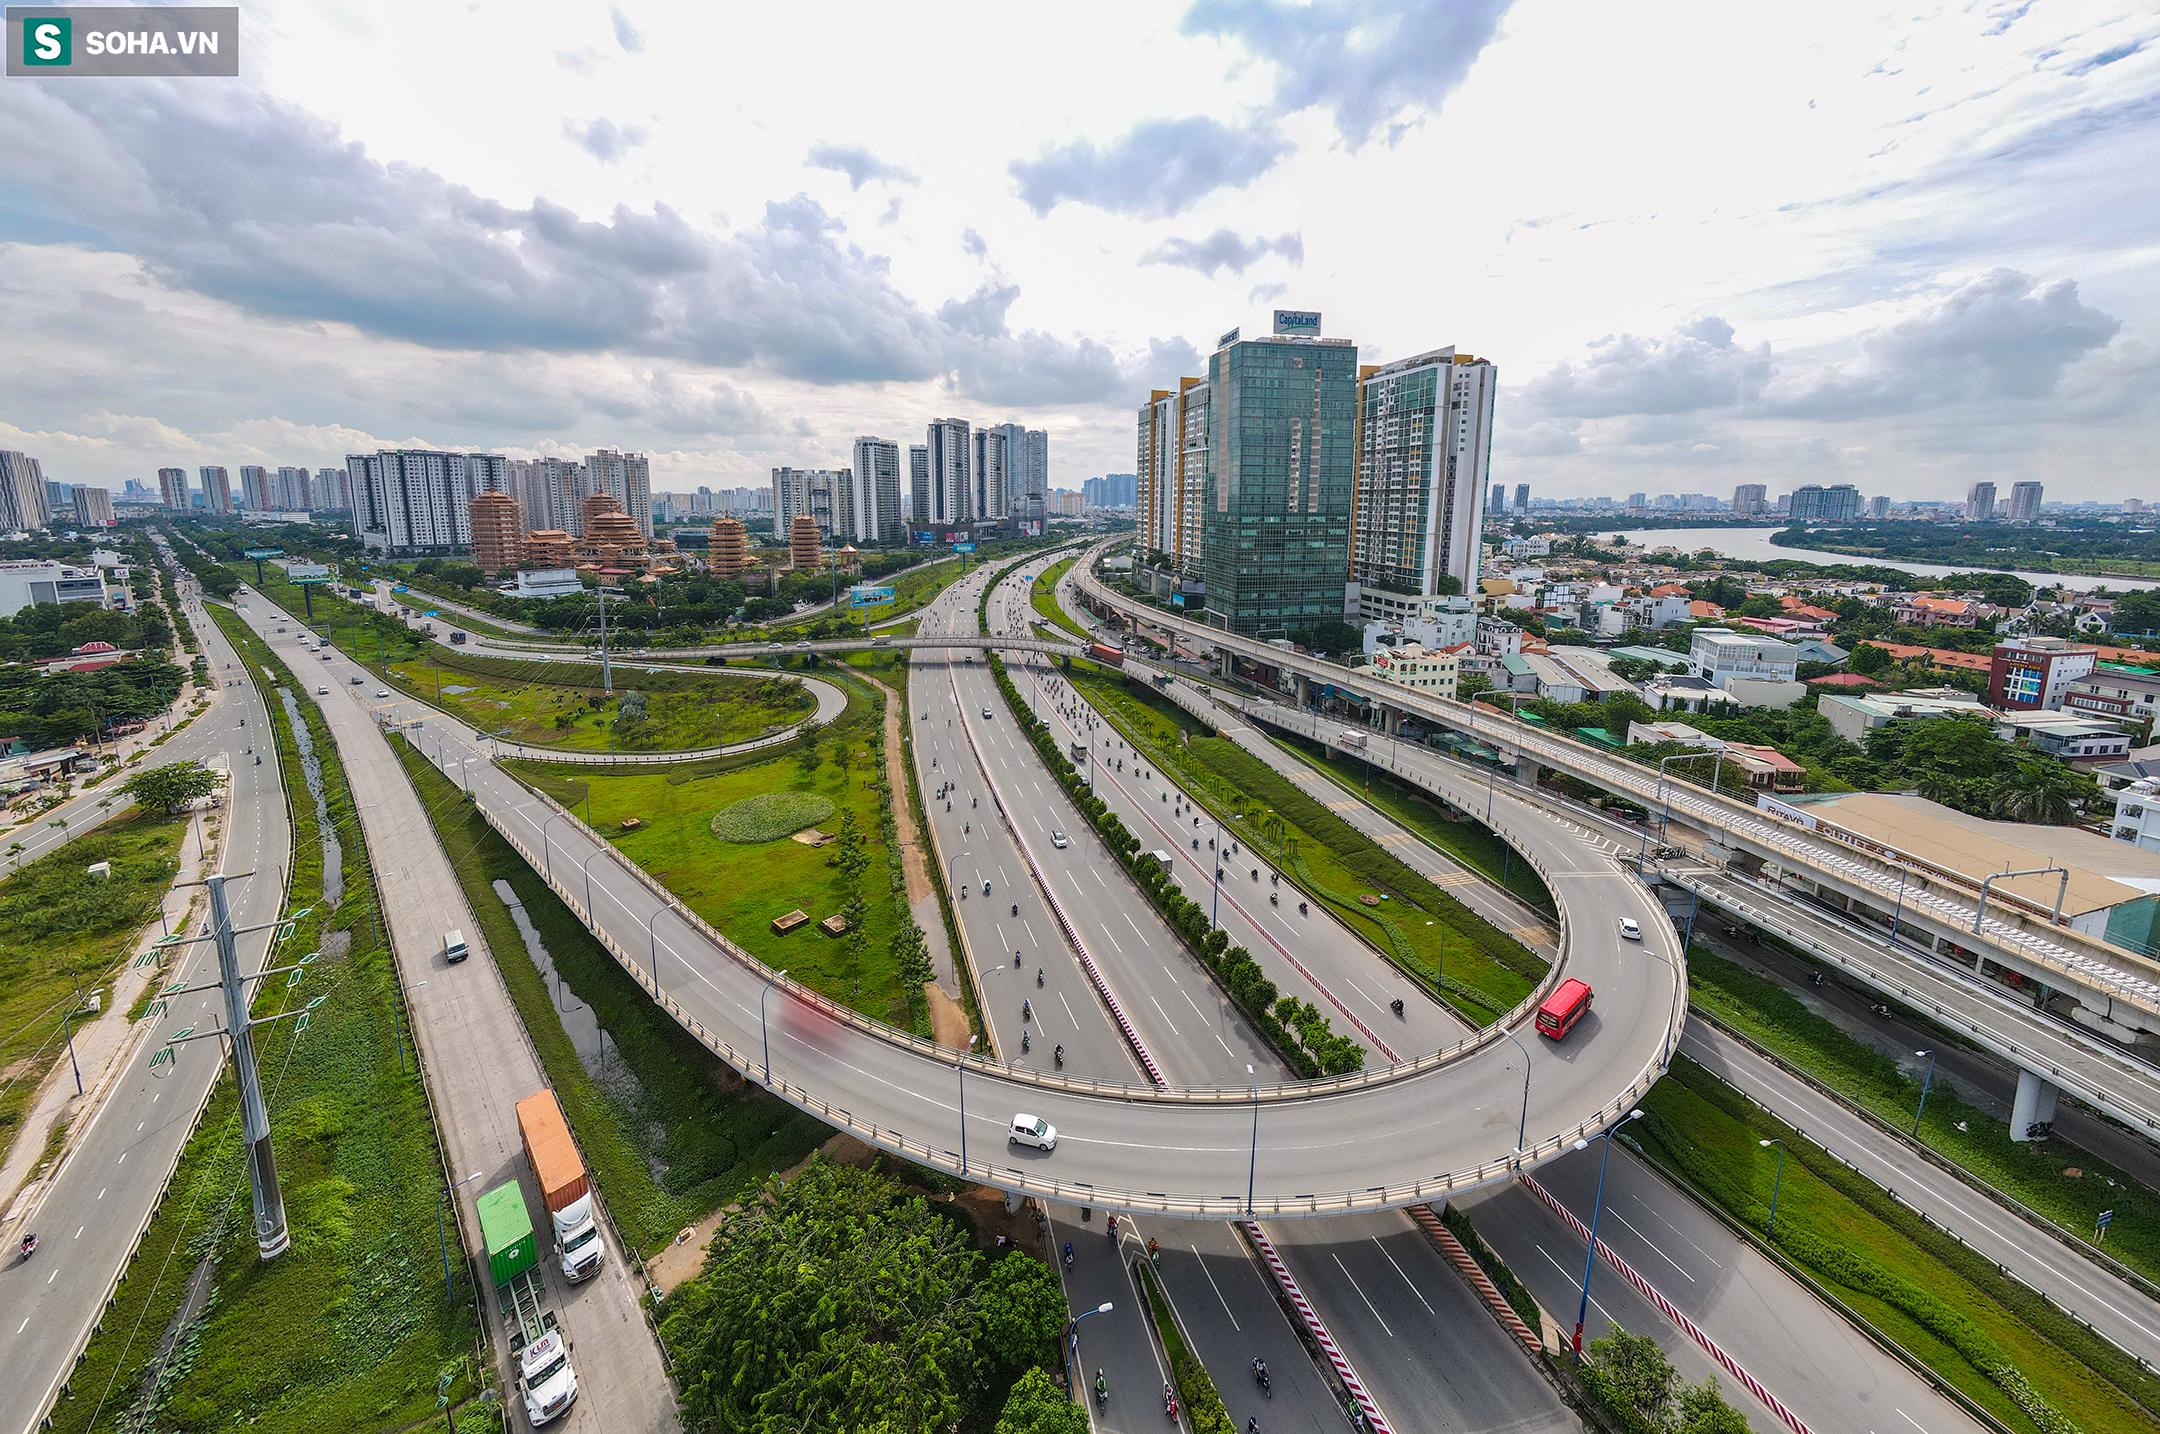 Cao ốc, chung cư vây chặt metro số 1, giao thông khu Đông TP.HCM bắt đầu ngạt thở - Ảnh 5.